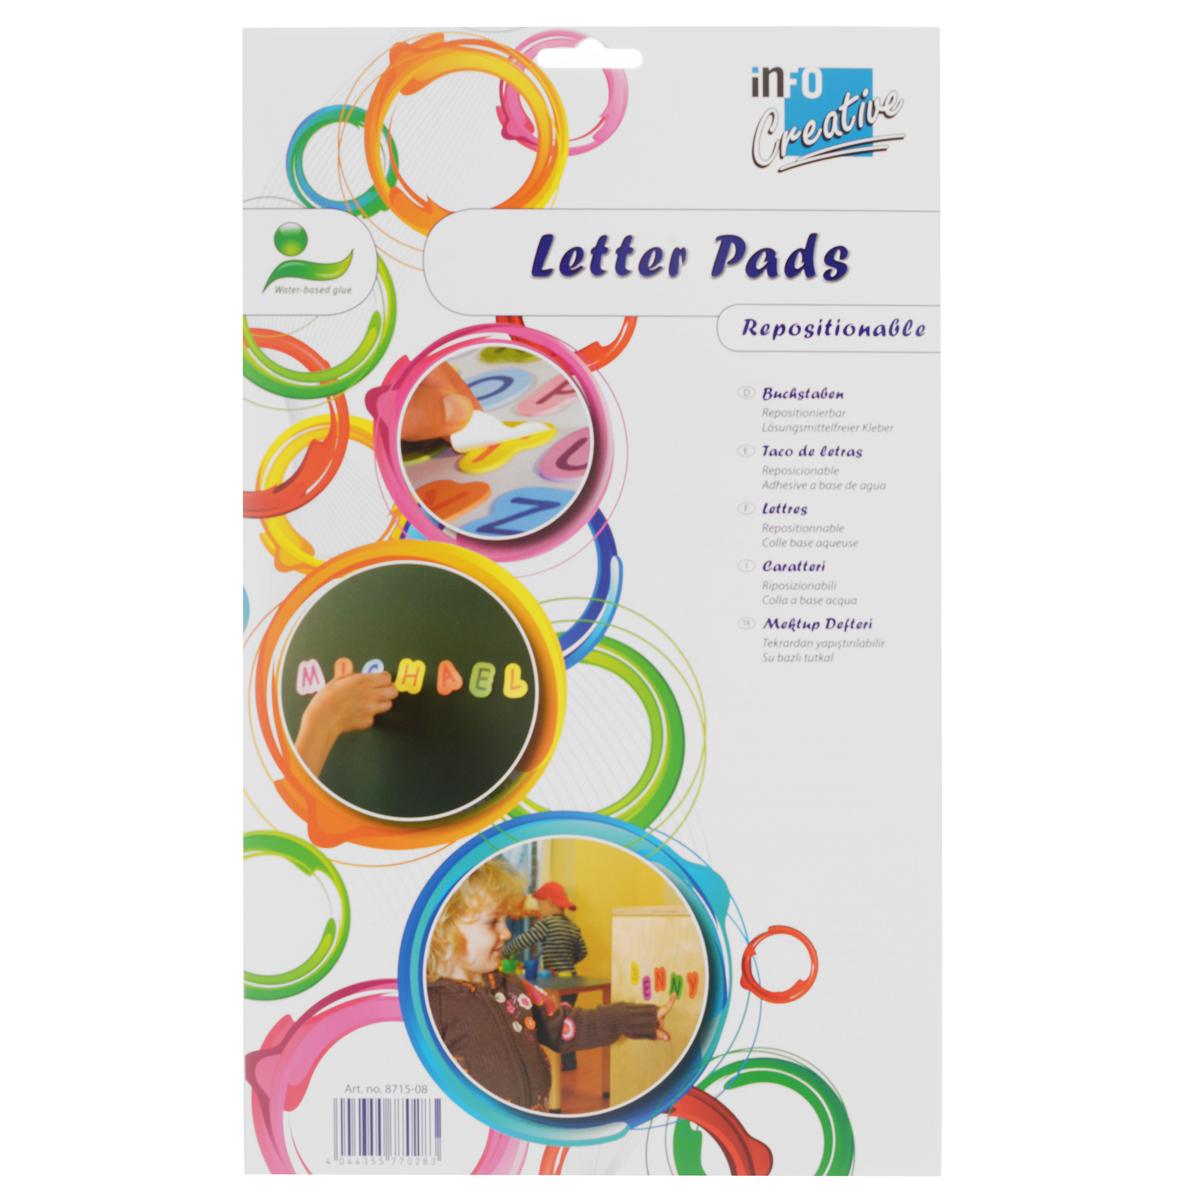 """Набор самоклеящихся букв Creative """"Letter Pads"""" представляет собой замечательный набор для подготовки вашего малыша к школе. Набор включает в себя: 30 блоков самоклеящихся букв английского алфавита. Буквы изготовлены из цветной бумаги. С помощью этого набора ваш малыш сможет легко и быстро запомнить английский алфавит, а также у него будет возможность составлять различные слова, благодаря тому, что буквы самоклеющиеся. Яркие буковки позволят малышу узнать много нового и превратят учебу в веселую игру."""